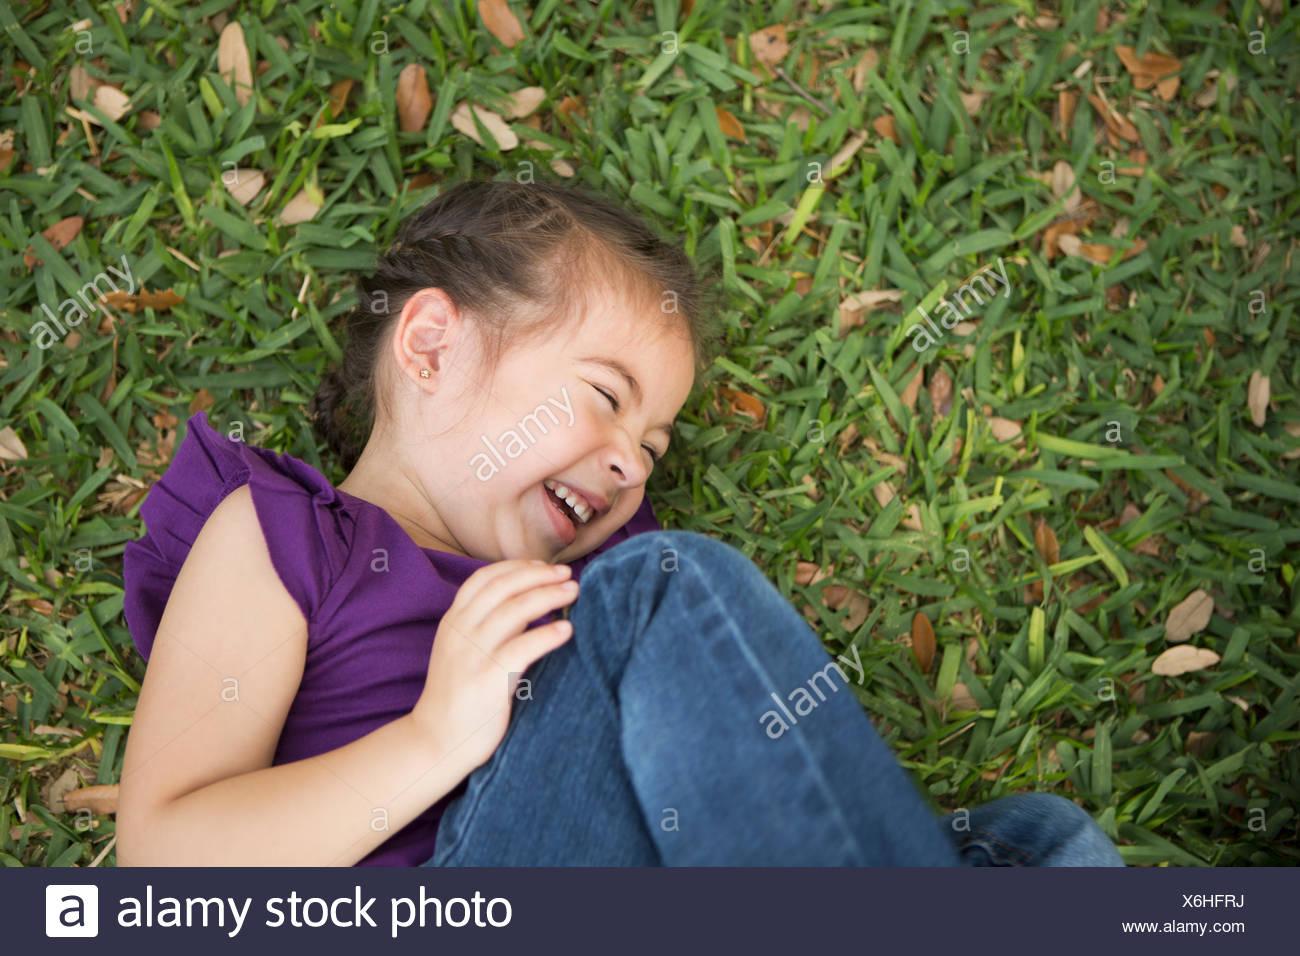 Una chica acostada de lado con sus rodillas flexionadas riendo. Imagen De Stock